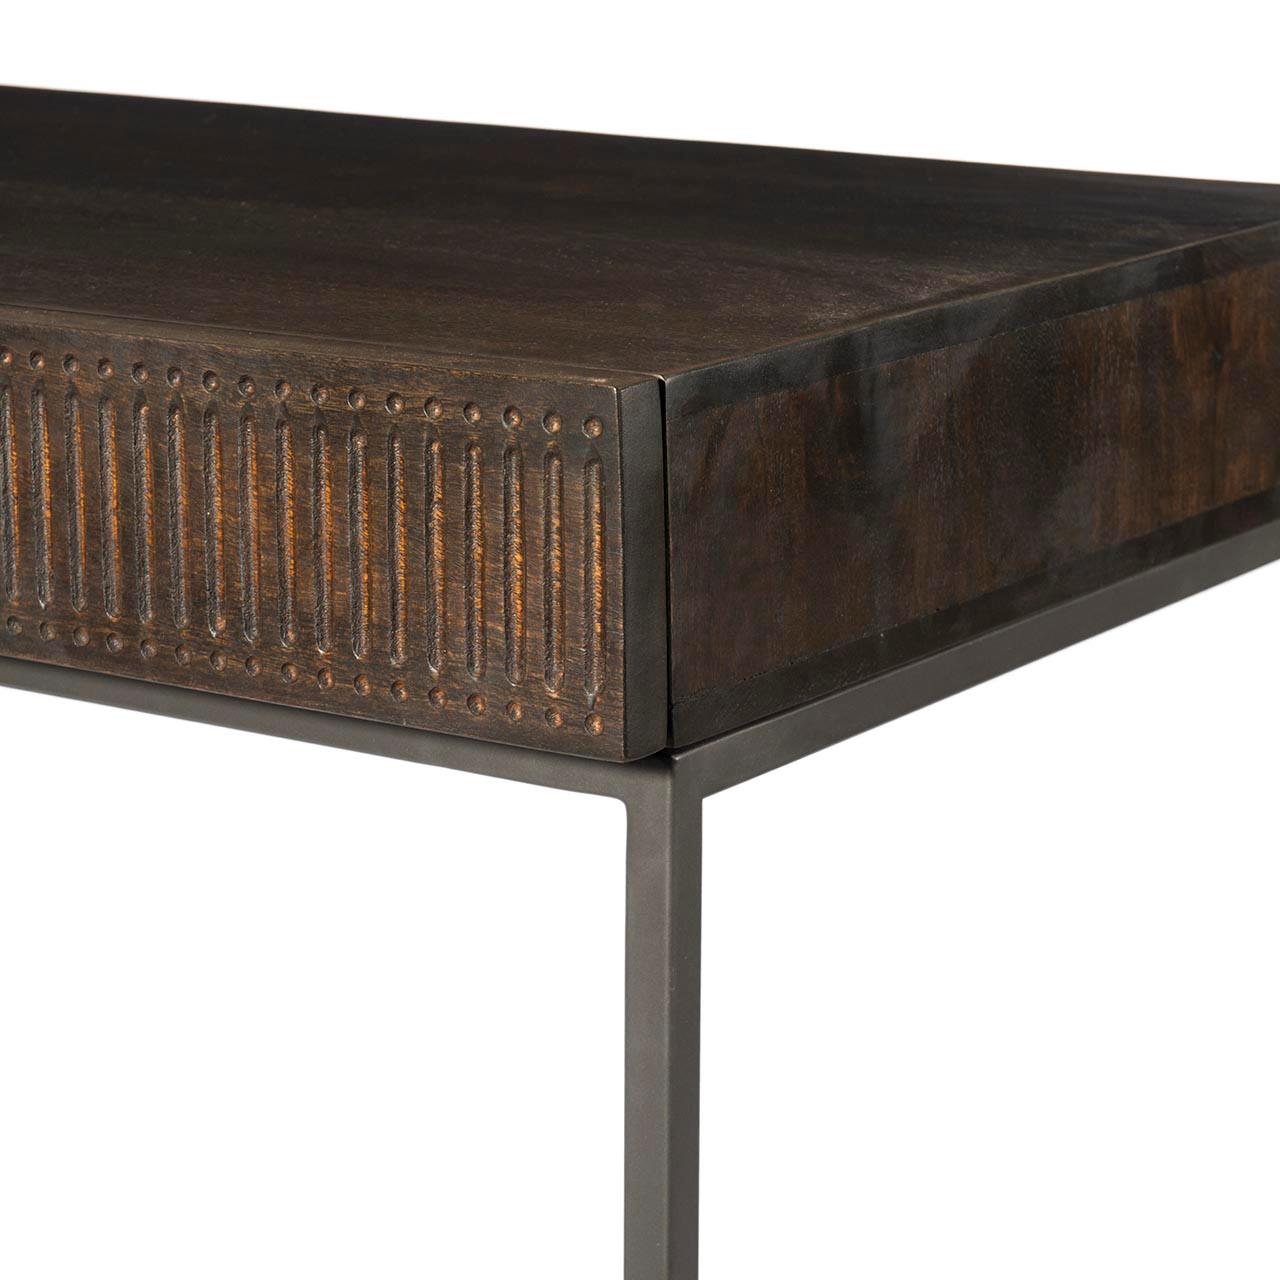 Bauer Writing Desk - Carved Vintage Brown